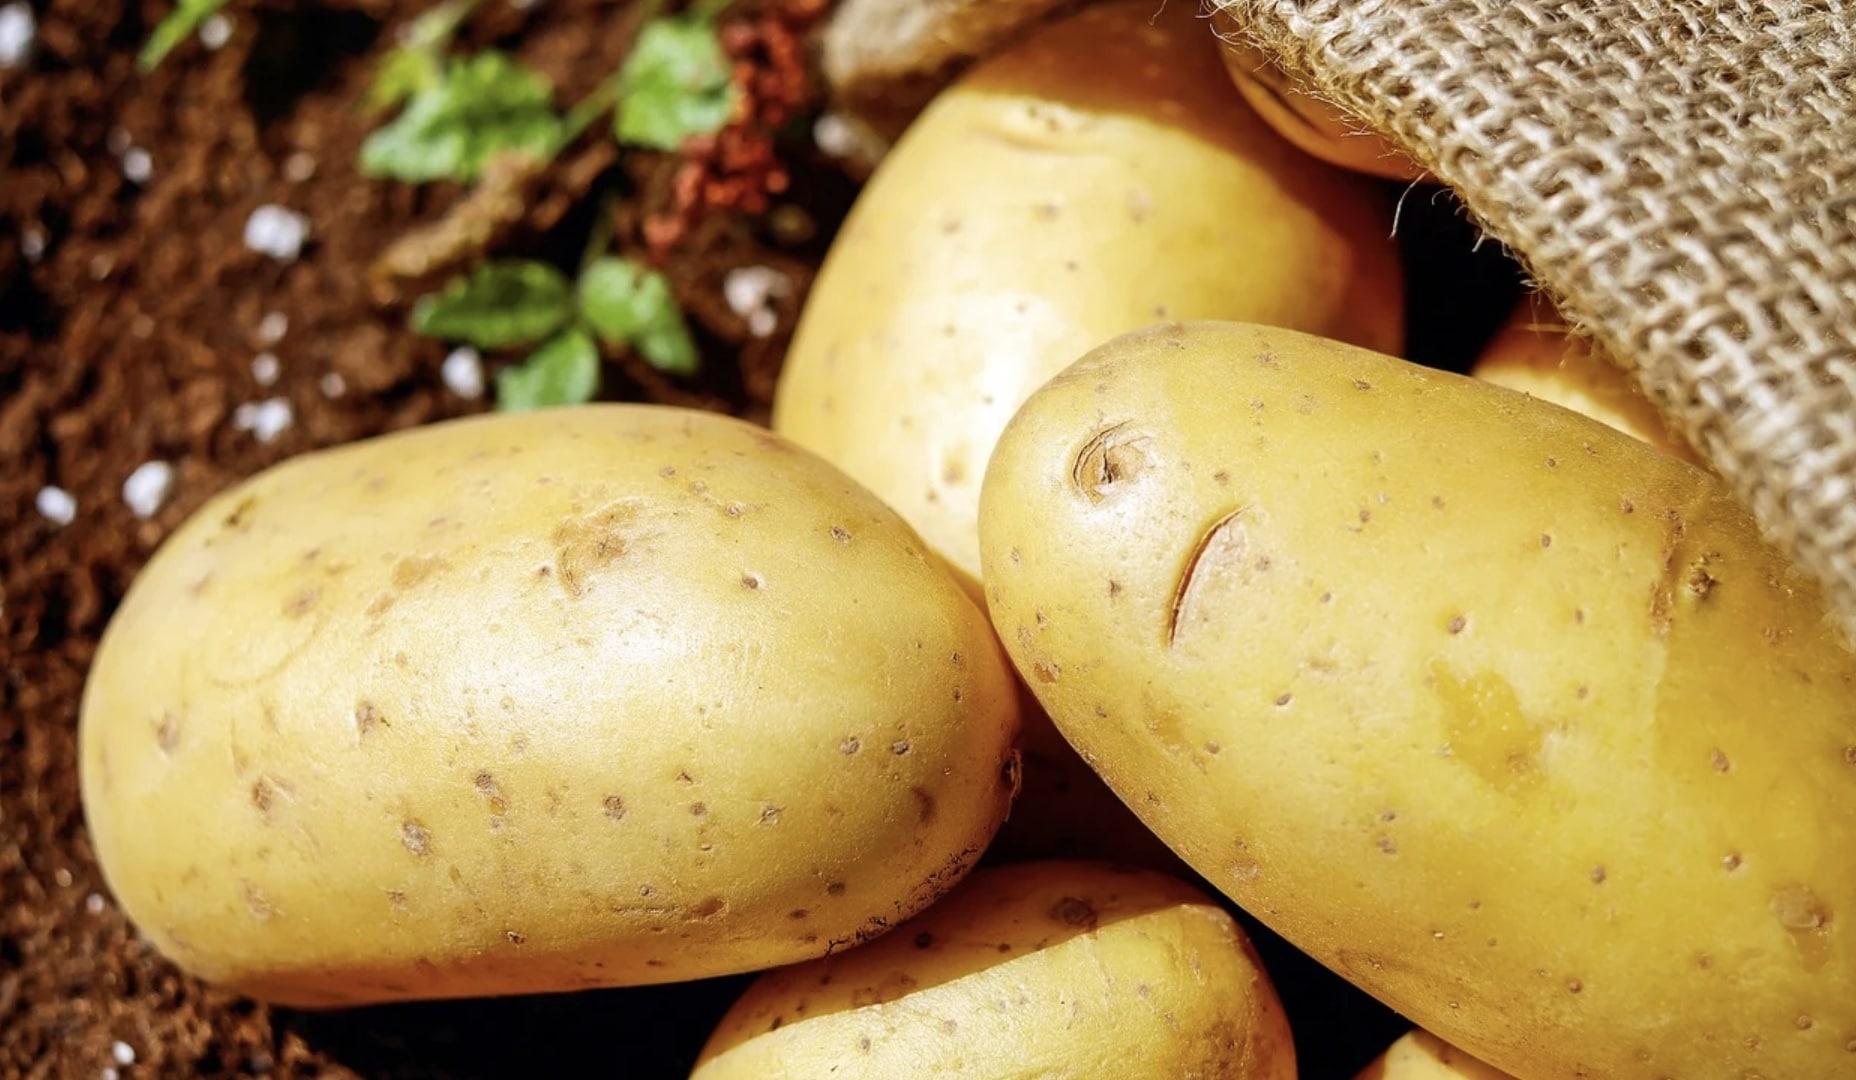 Cuire des pommes de terre : vous commettez tous la même erreur, suivez nos conseils pour l'éviter ! - Breakingnews.fr